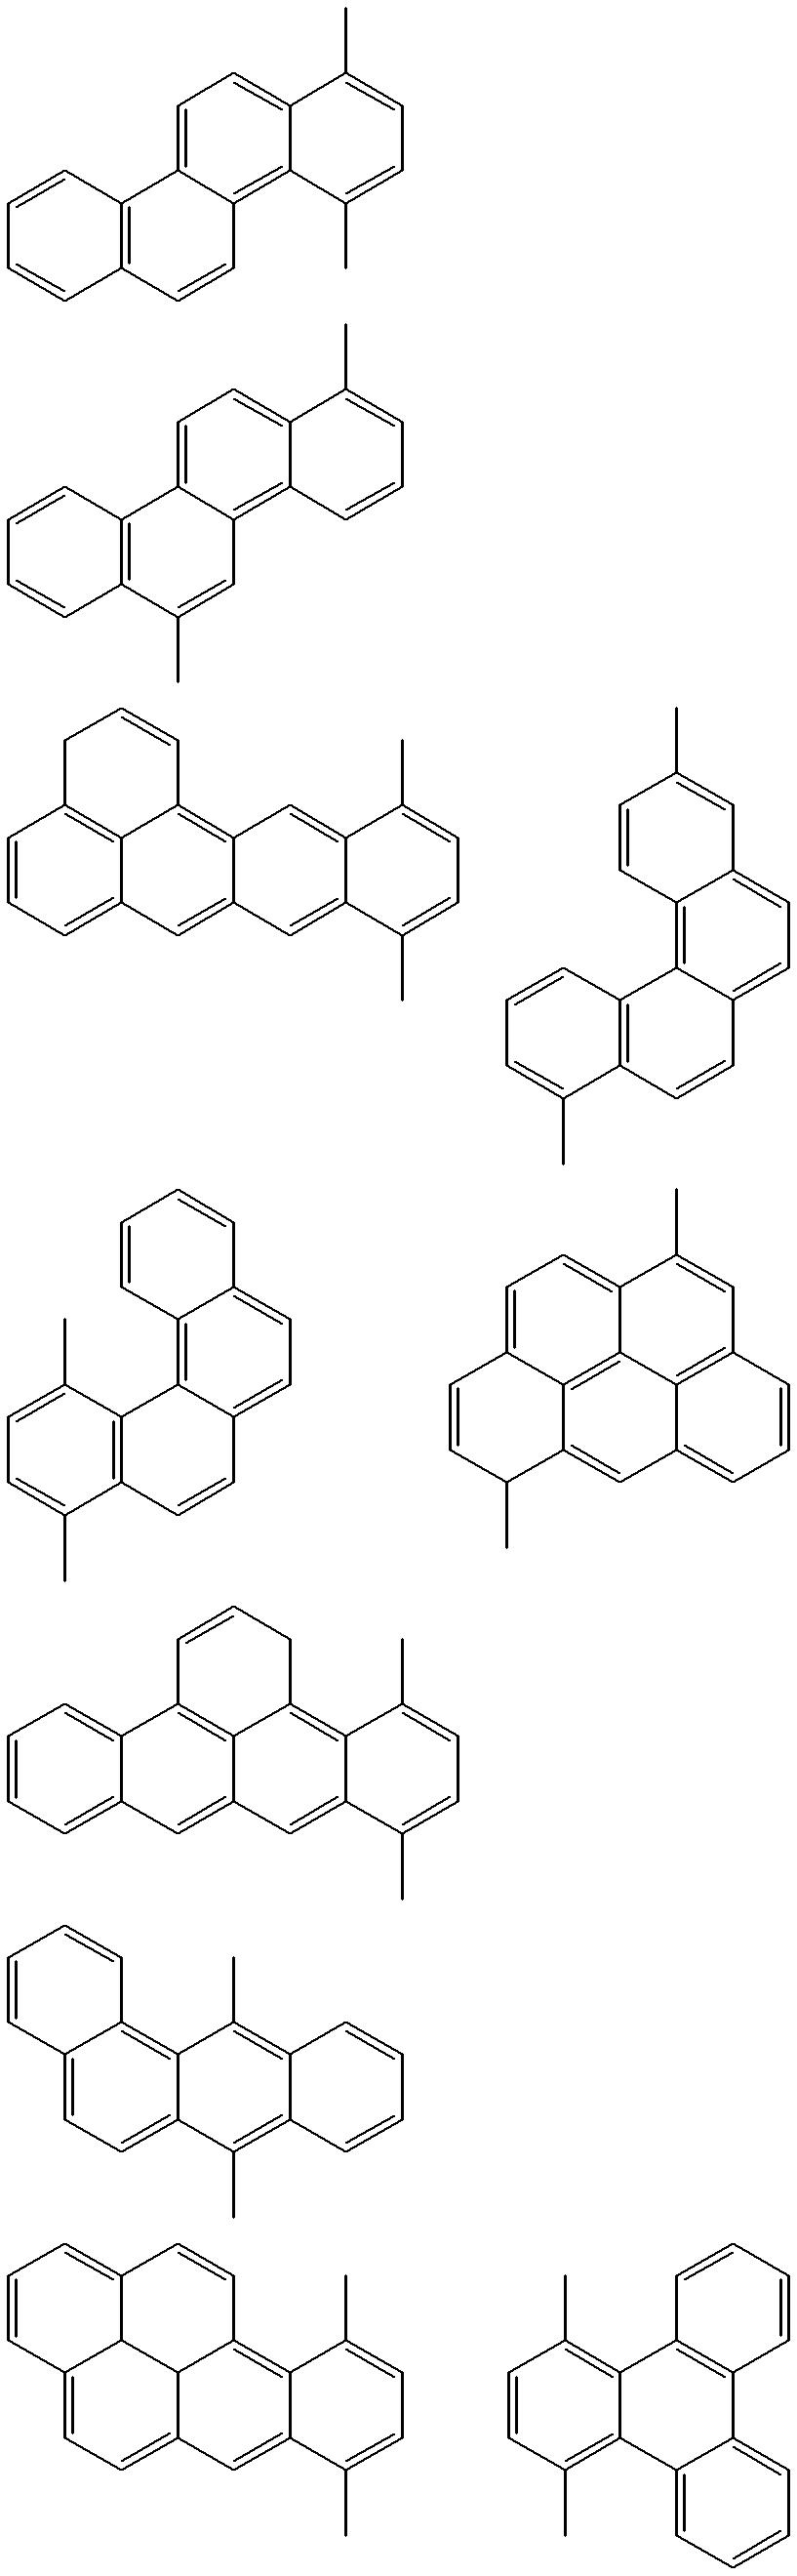 Figure US06285039-20010904-C00052